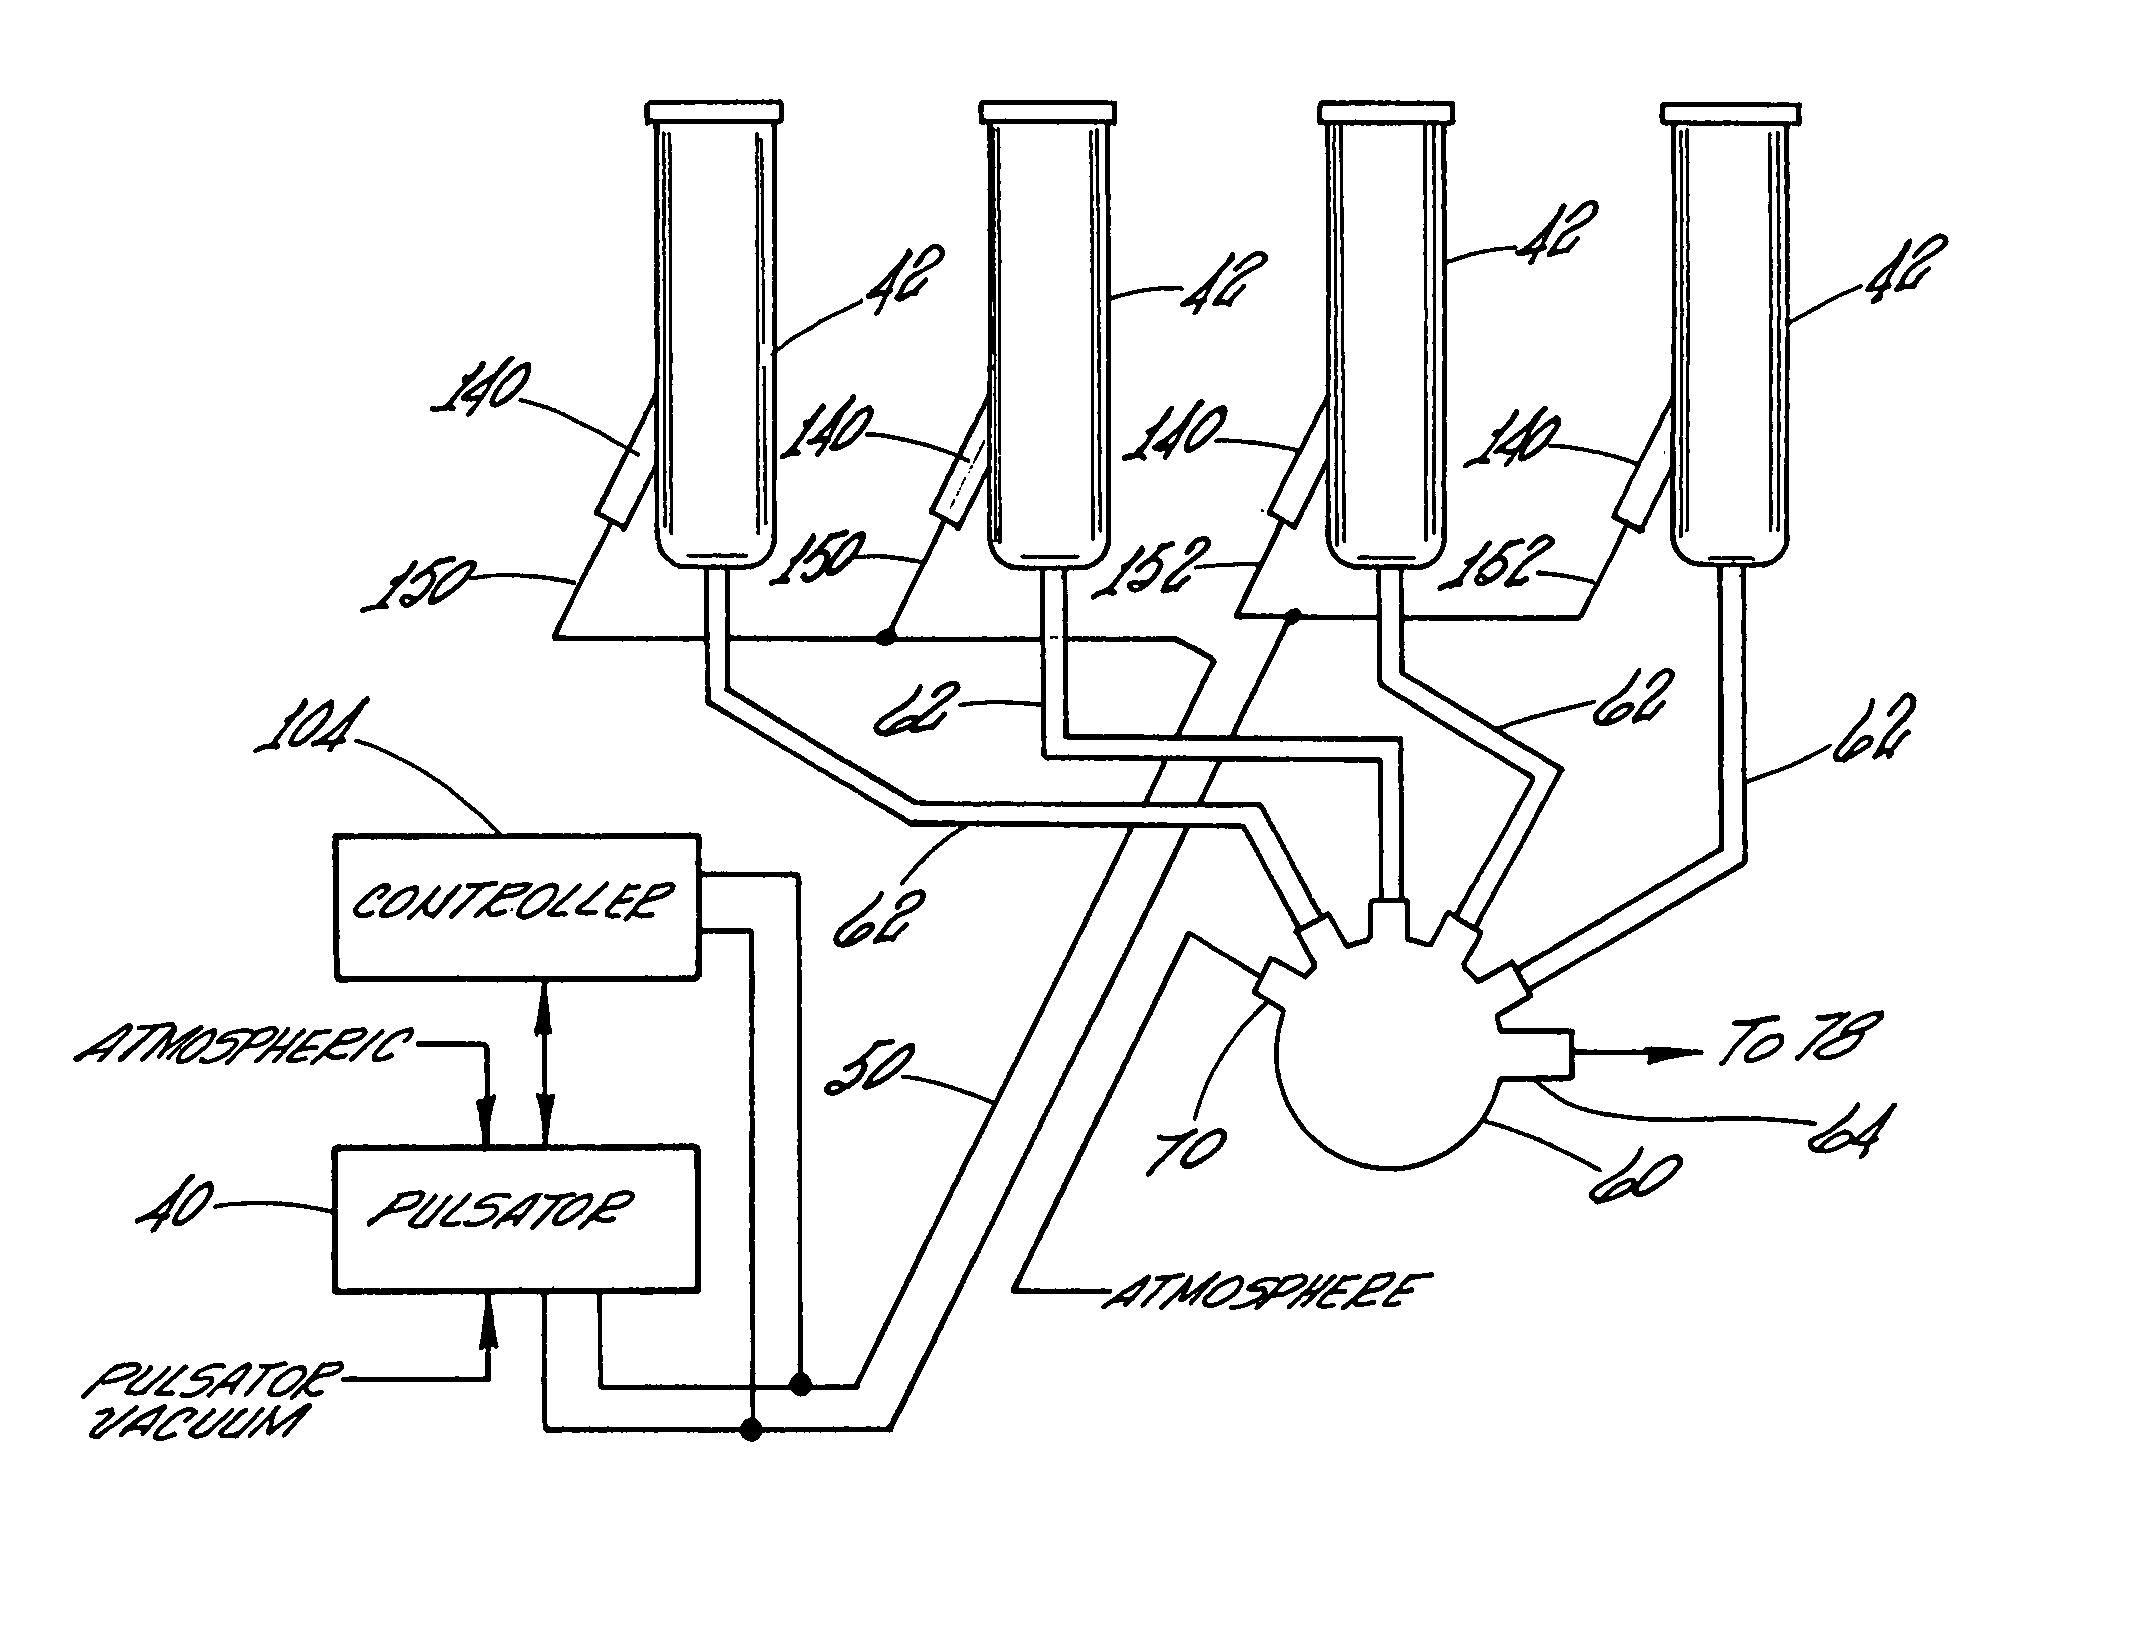 patent us7841296